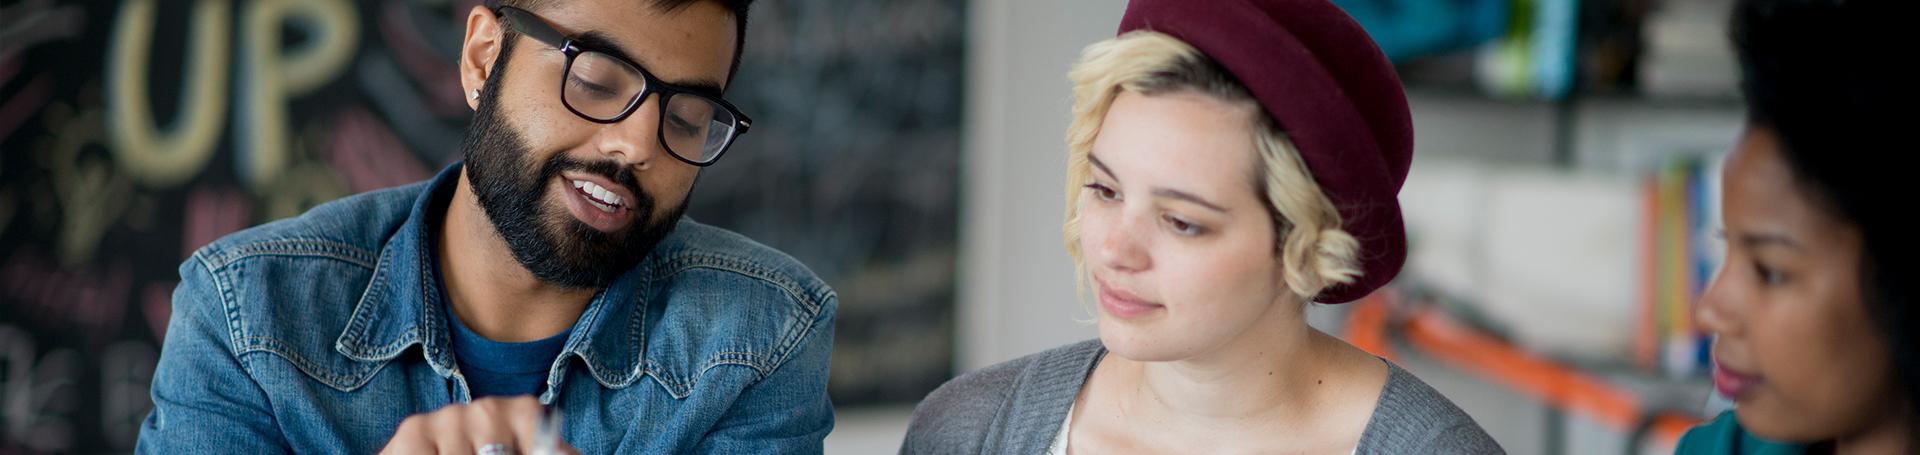 Conheça as 10 universidades que mais estimulam o empreendedorismo no Brasil